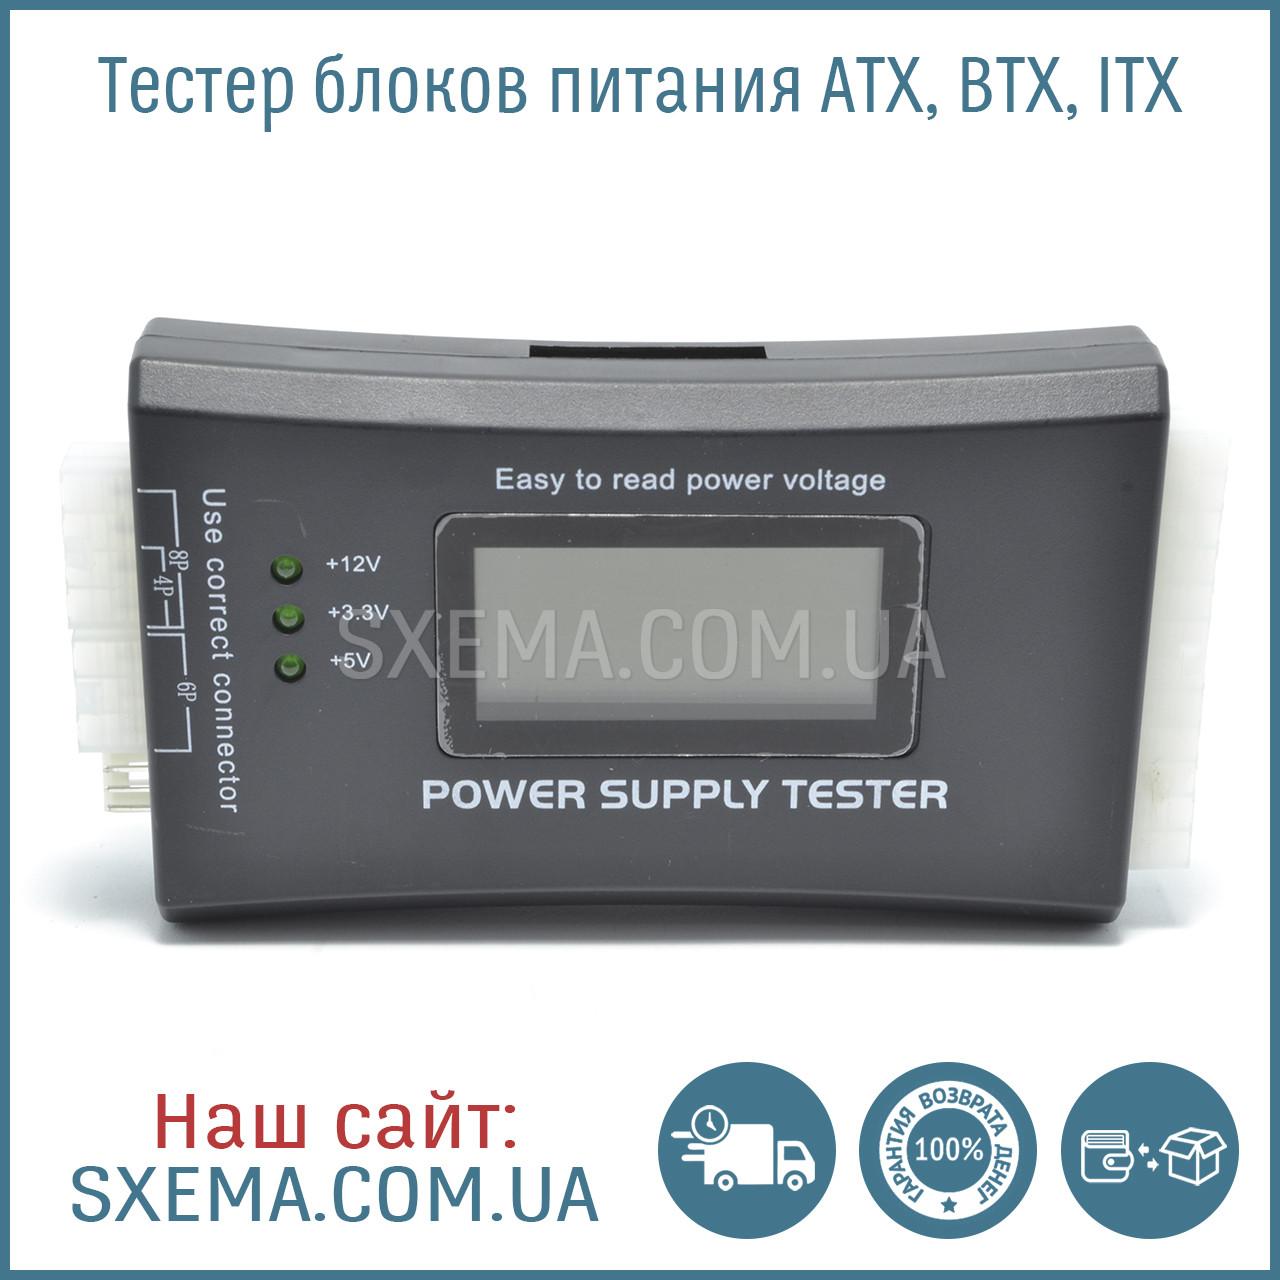 Тестер блоков питания ATX, BTX, ITX с экраном